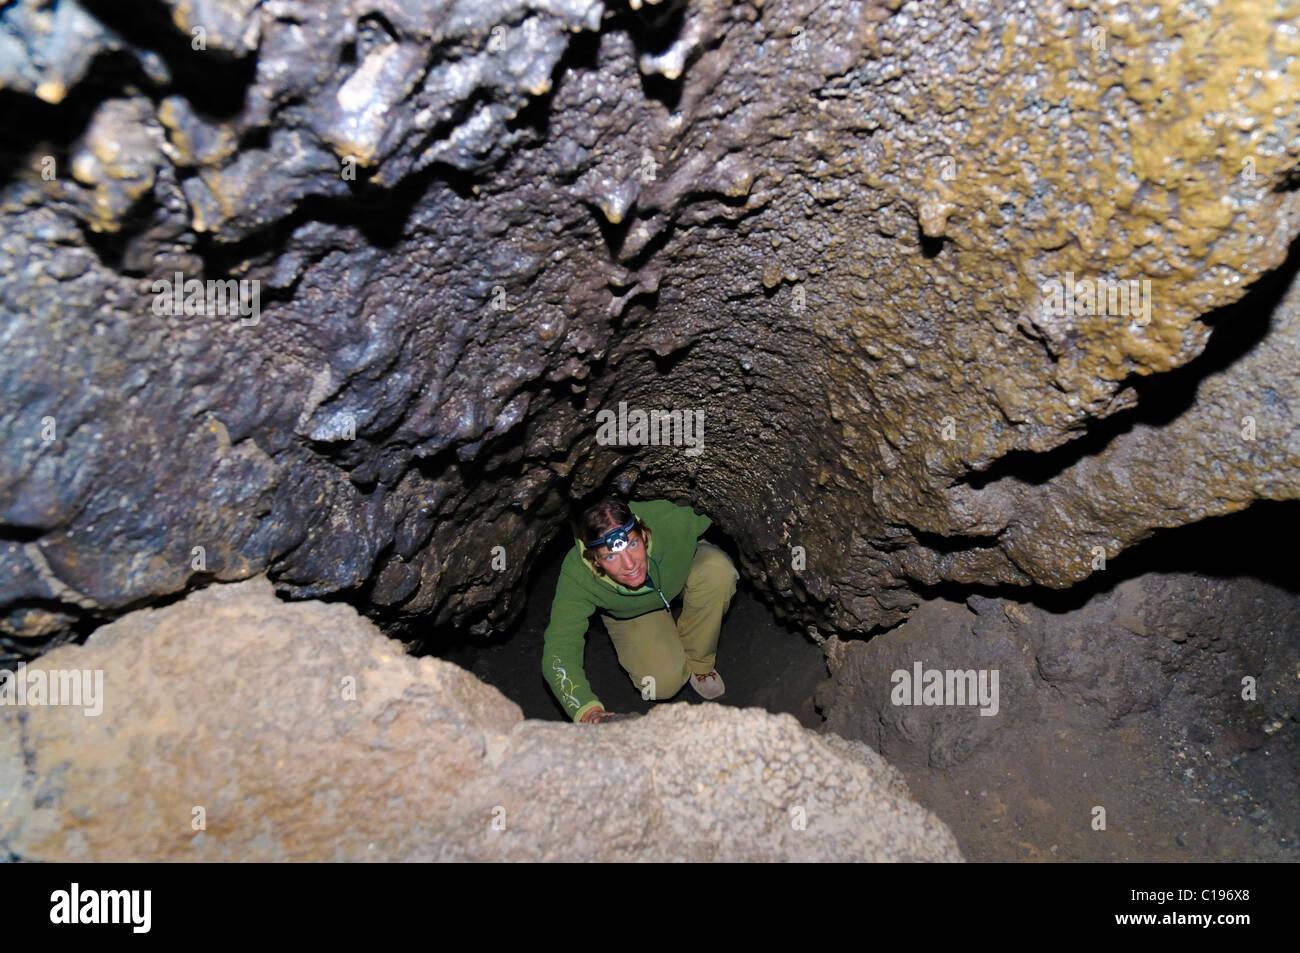 Río de lava cueva, cueva Explorer vistiendo un faro en un tubo de lava volcánica, Monumento Nacional Volcánico Newberry Foto de stock